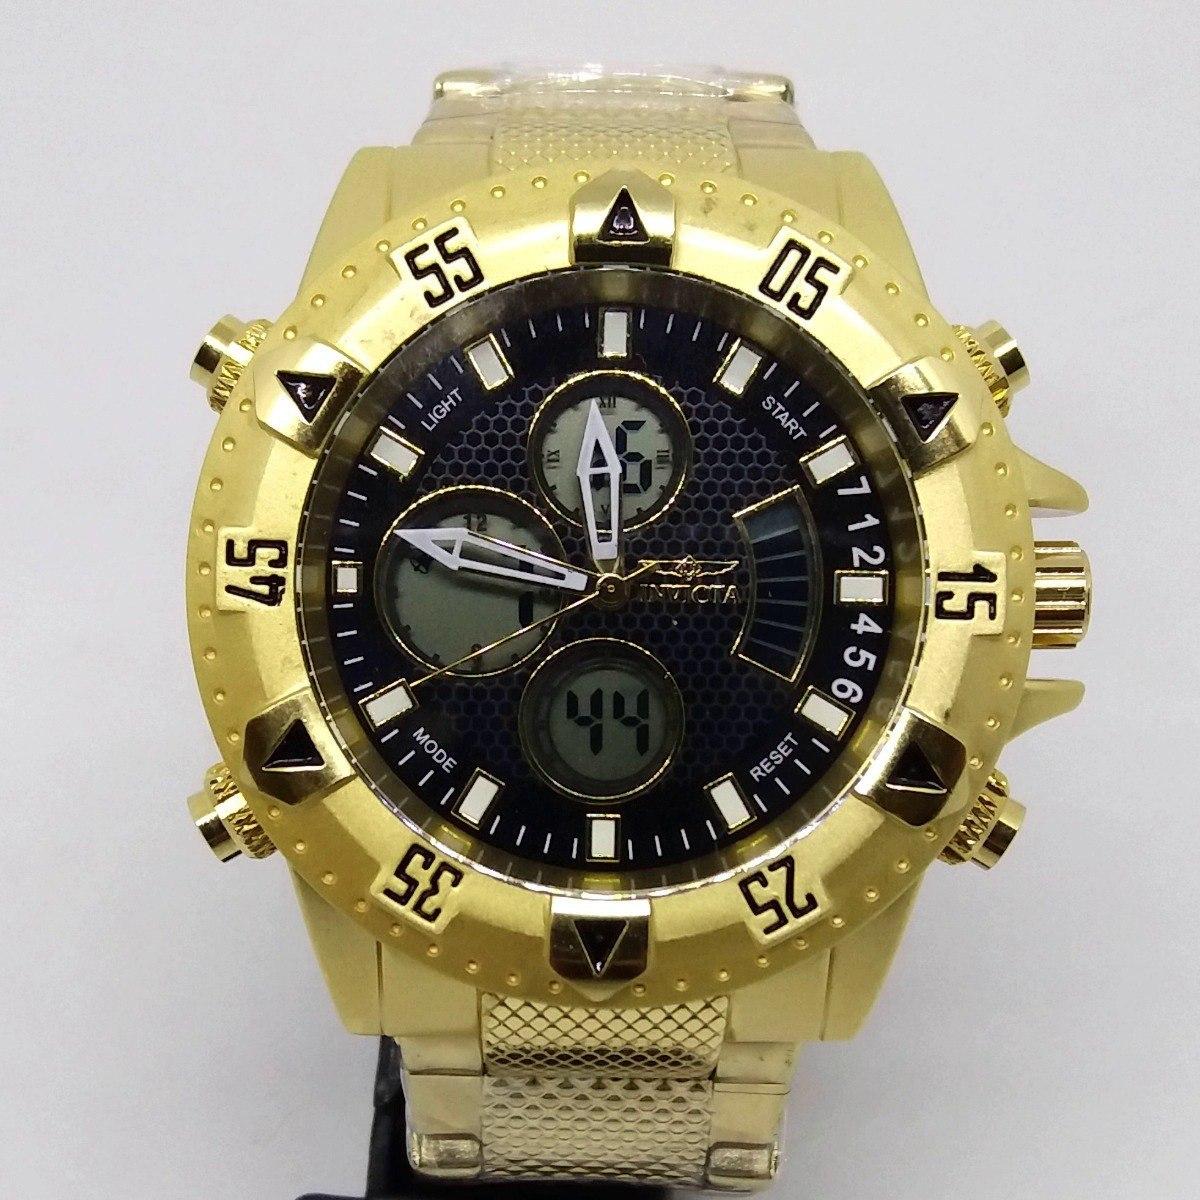 37f290d2853 relógio masculino aço inox dourado grande digital analógico. Carregando zoom .